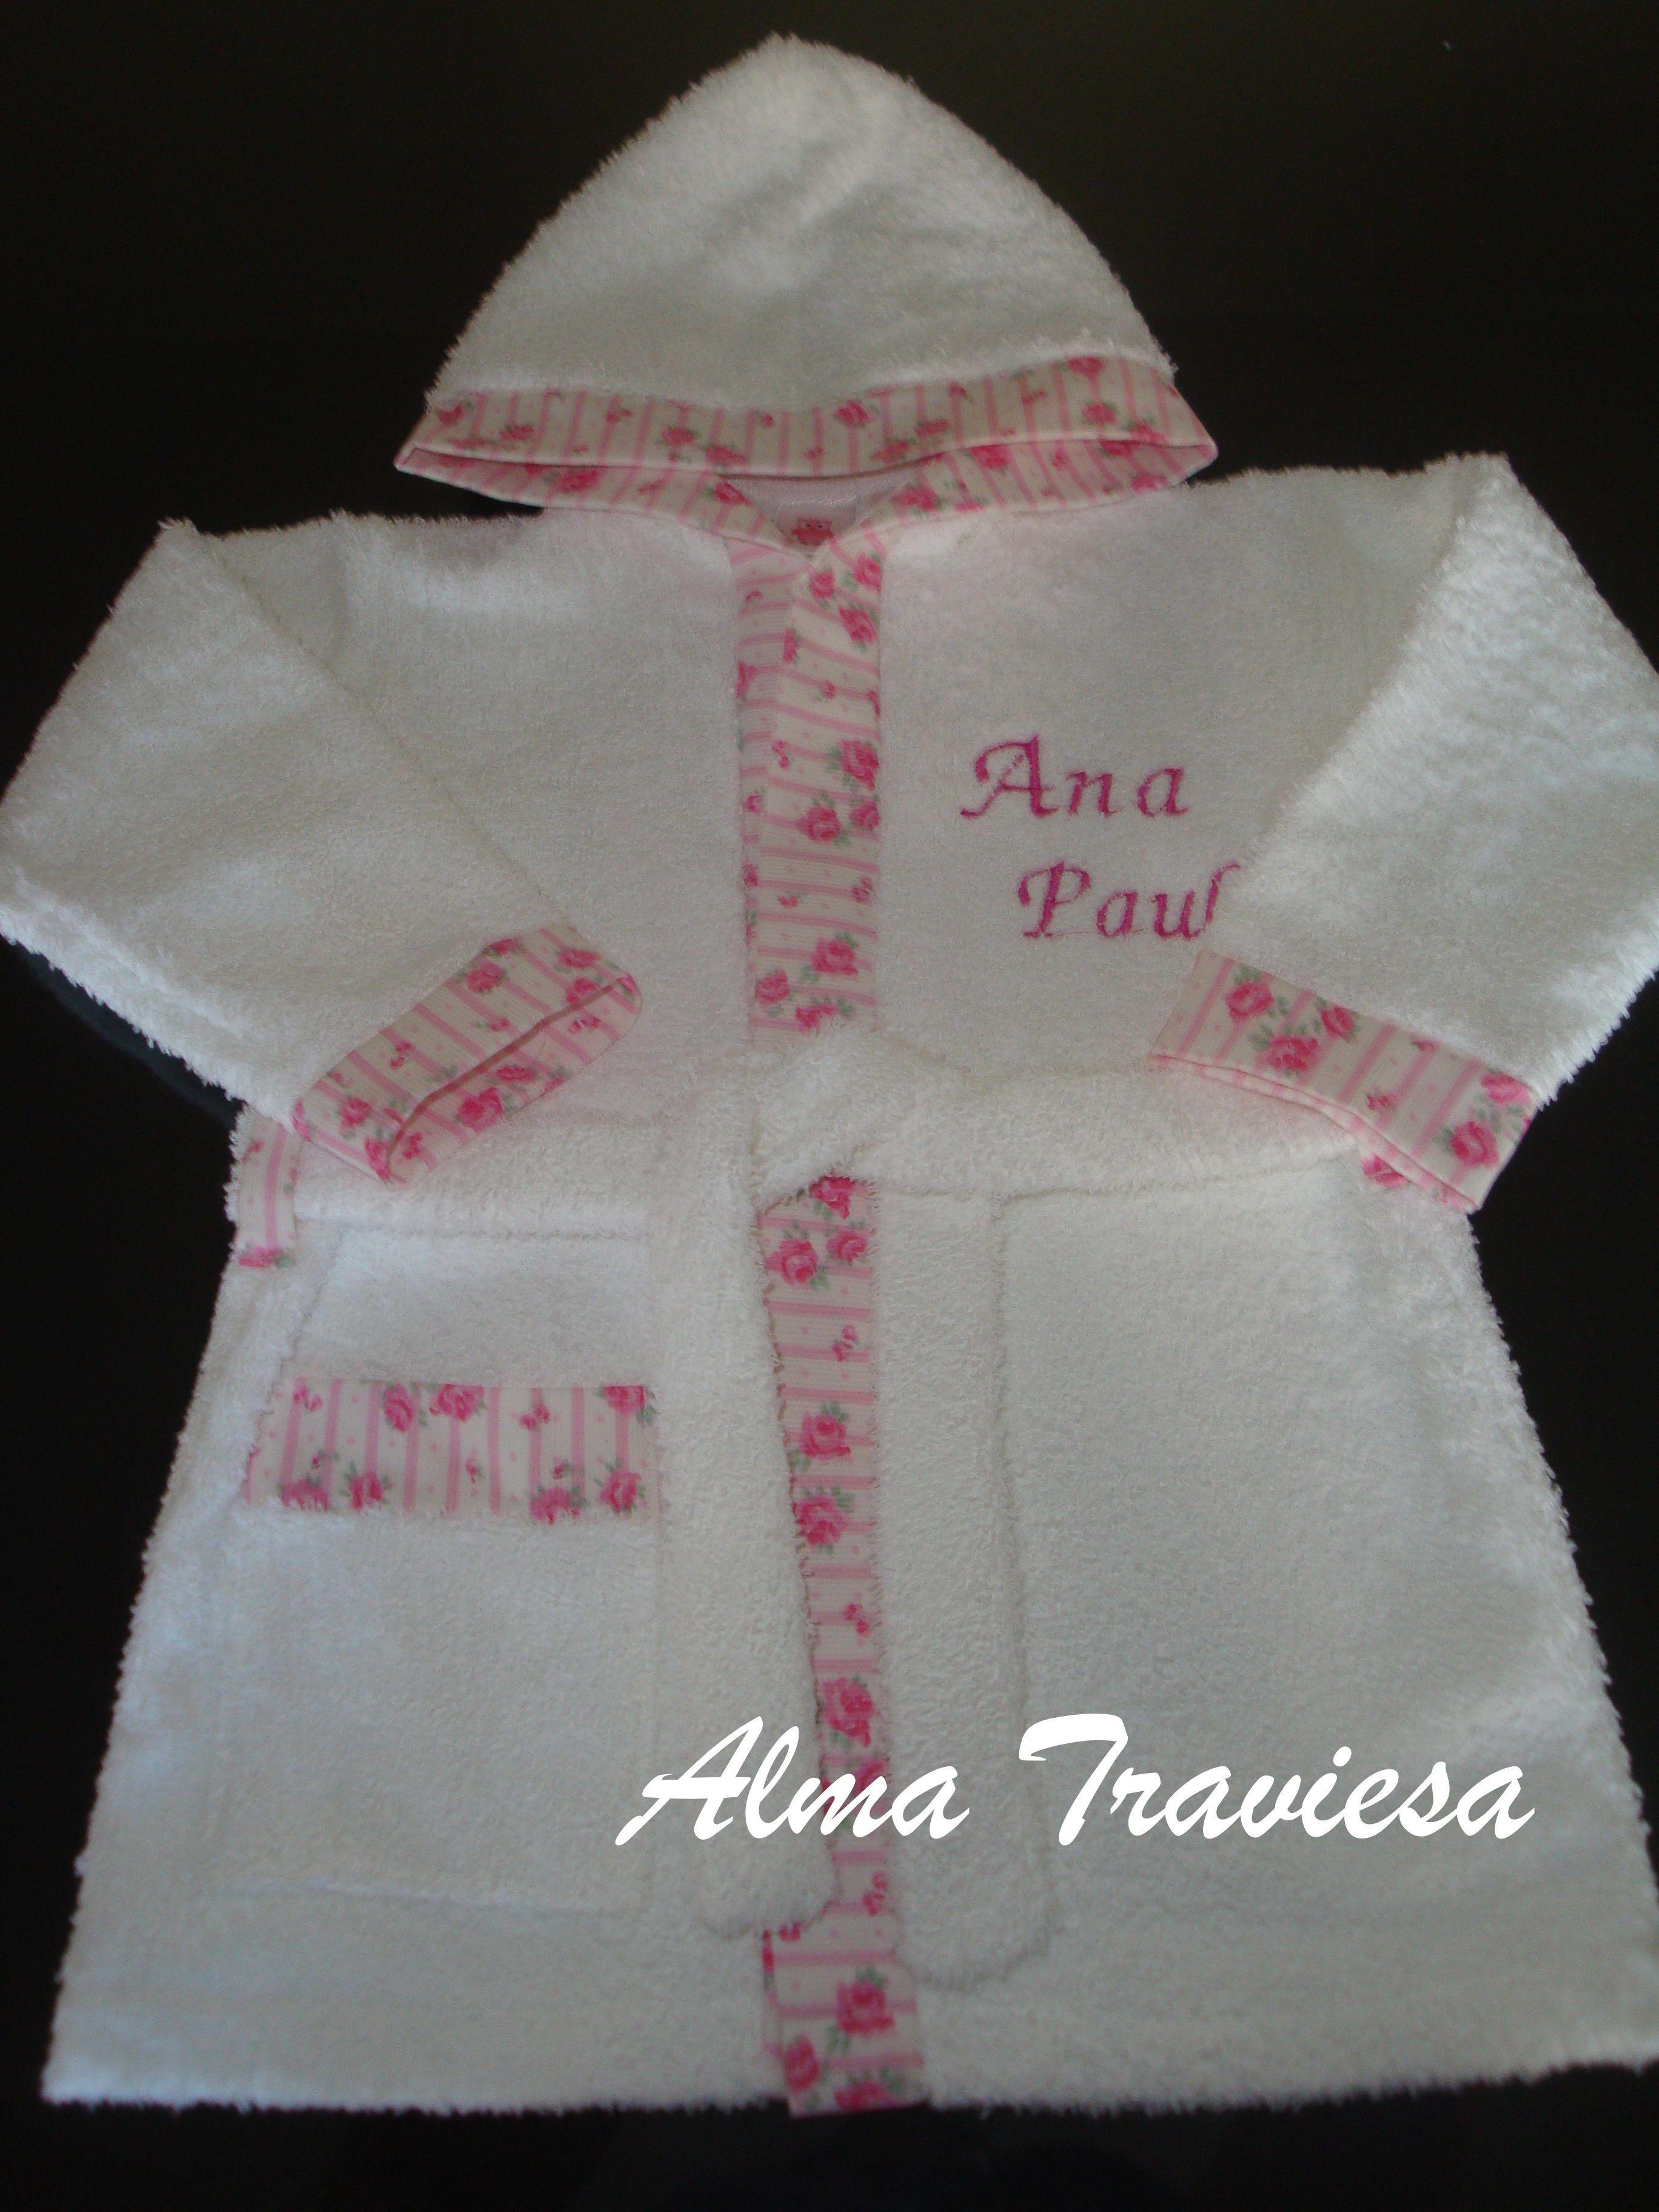 Salida de ba o bata de toalla de doble felpa blanquer a para beb s pinterest spa birthday - Toallas para bano ...